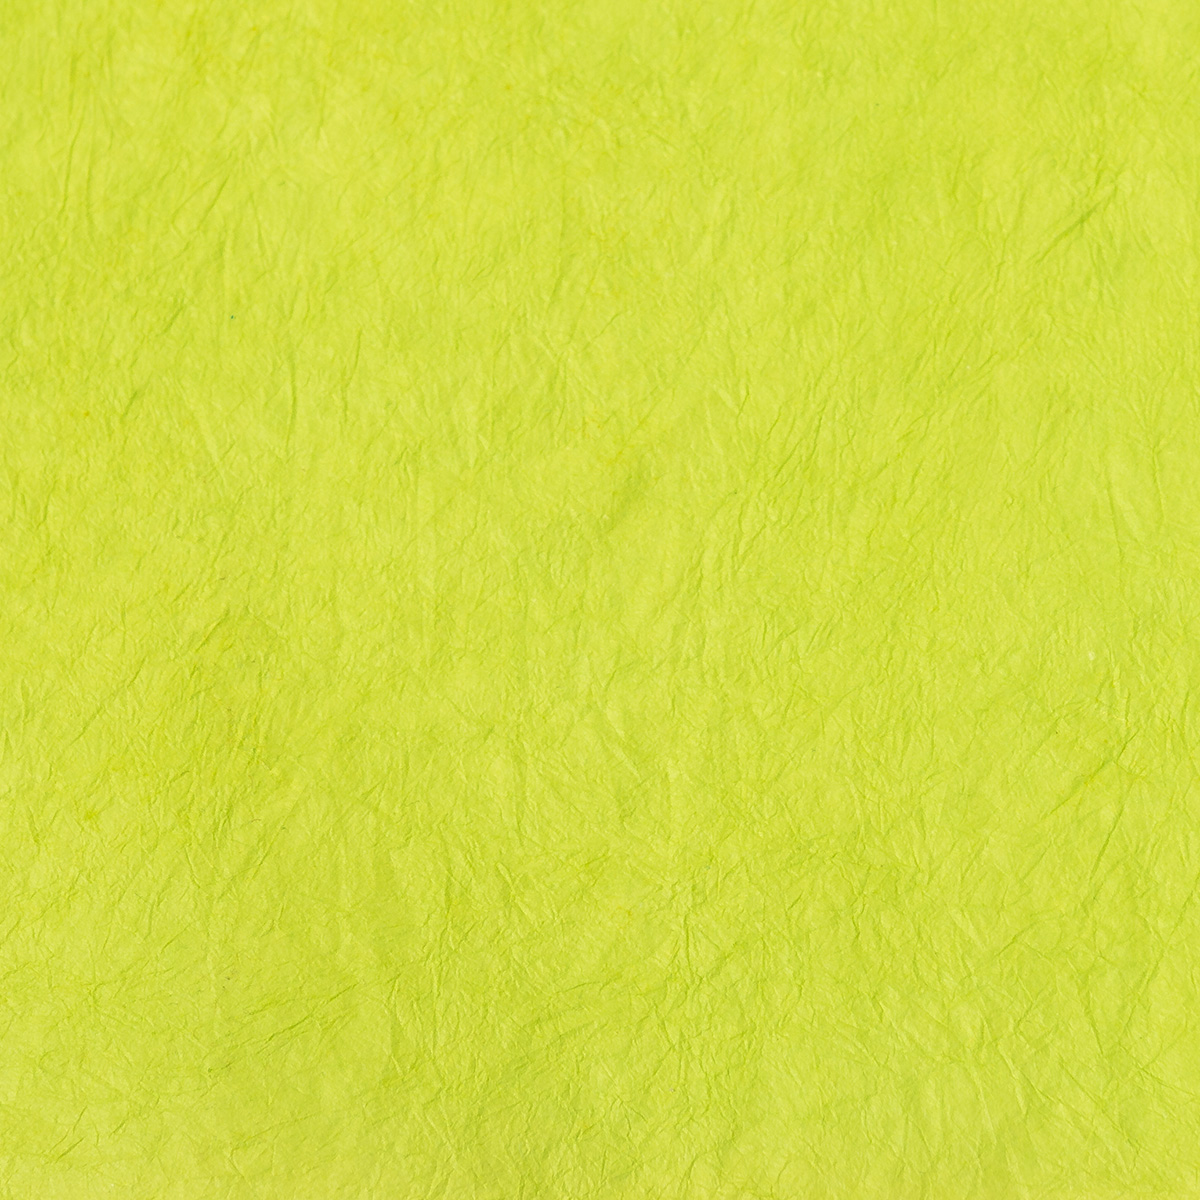 王朝のそめいろ 薄口 33番 黄浅緑